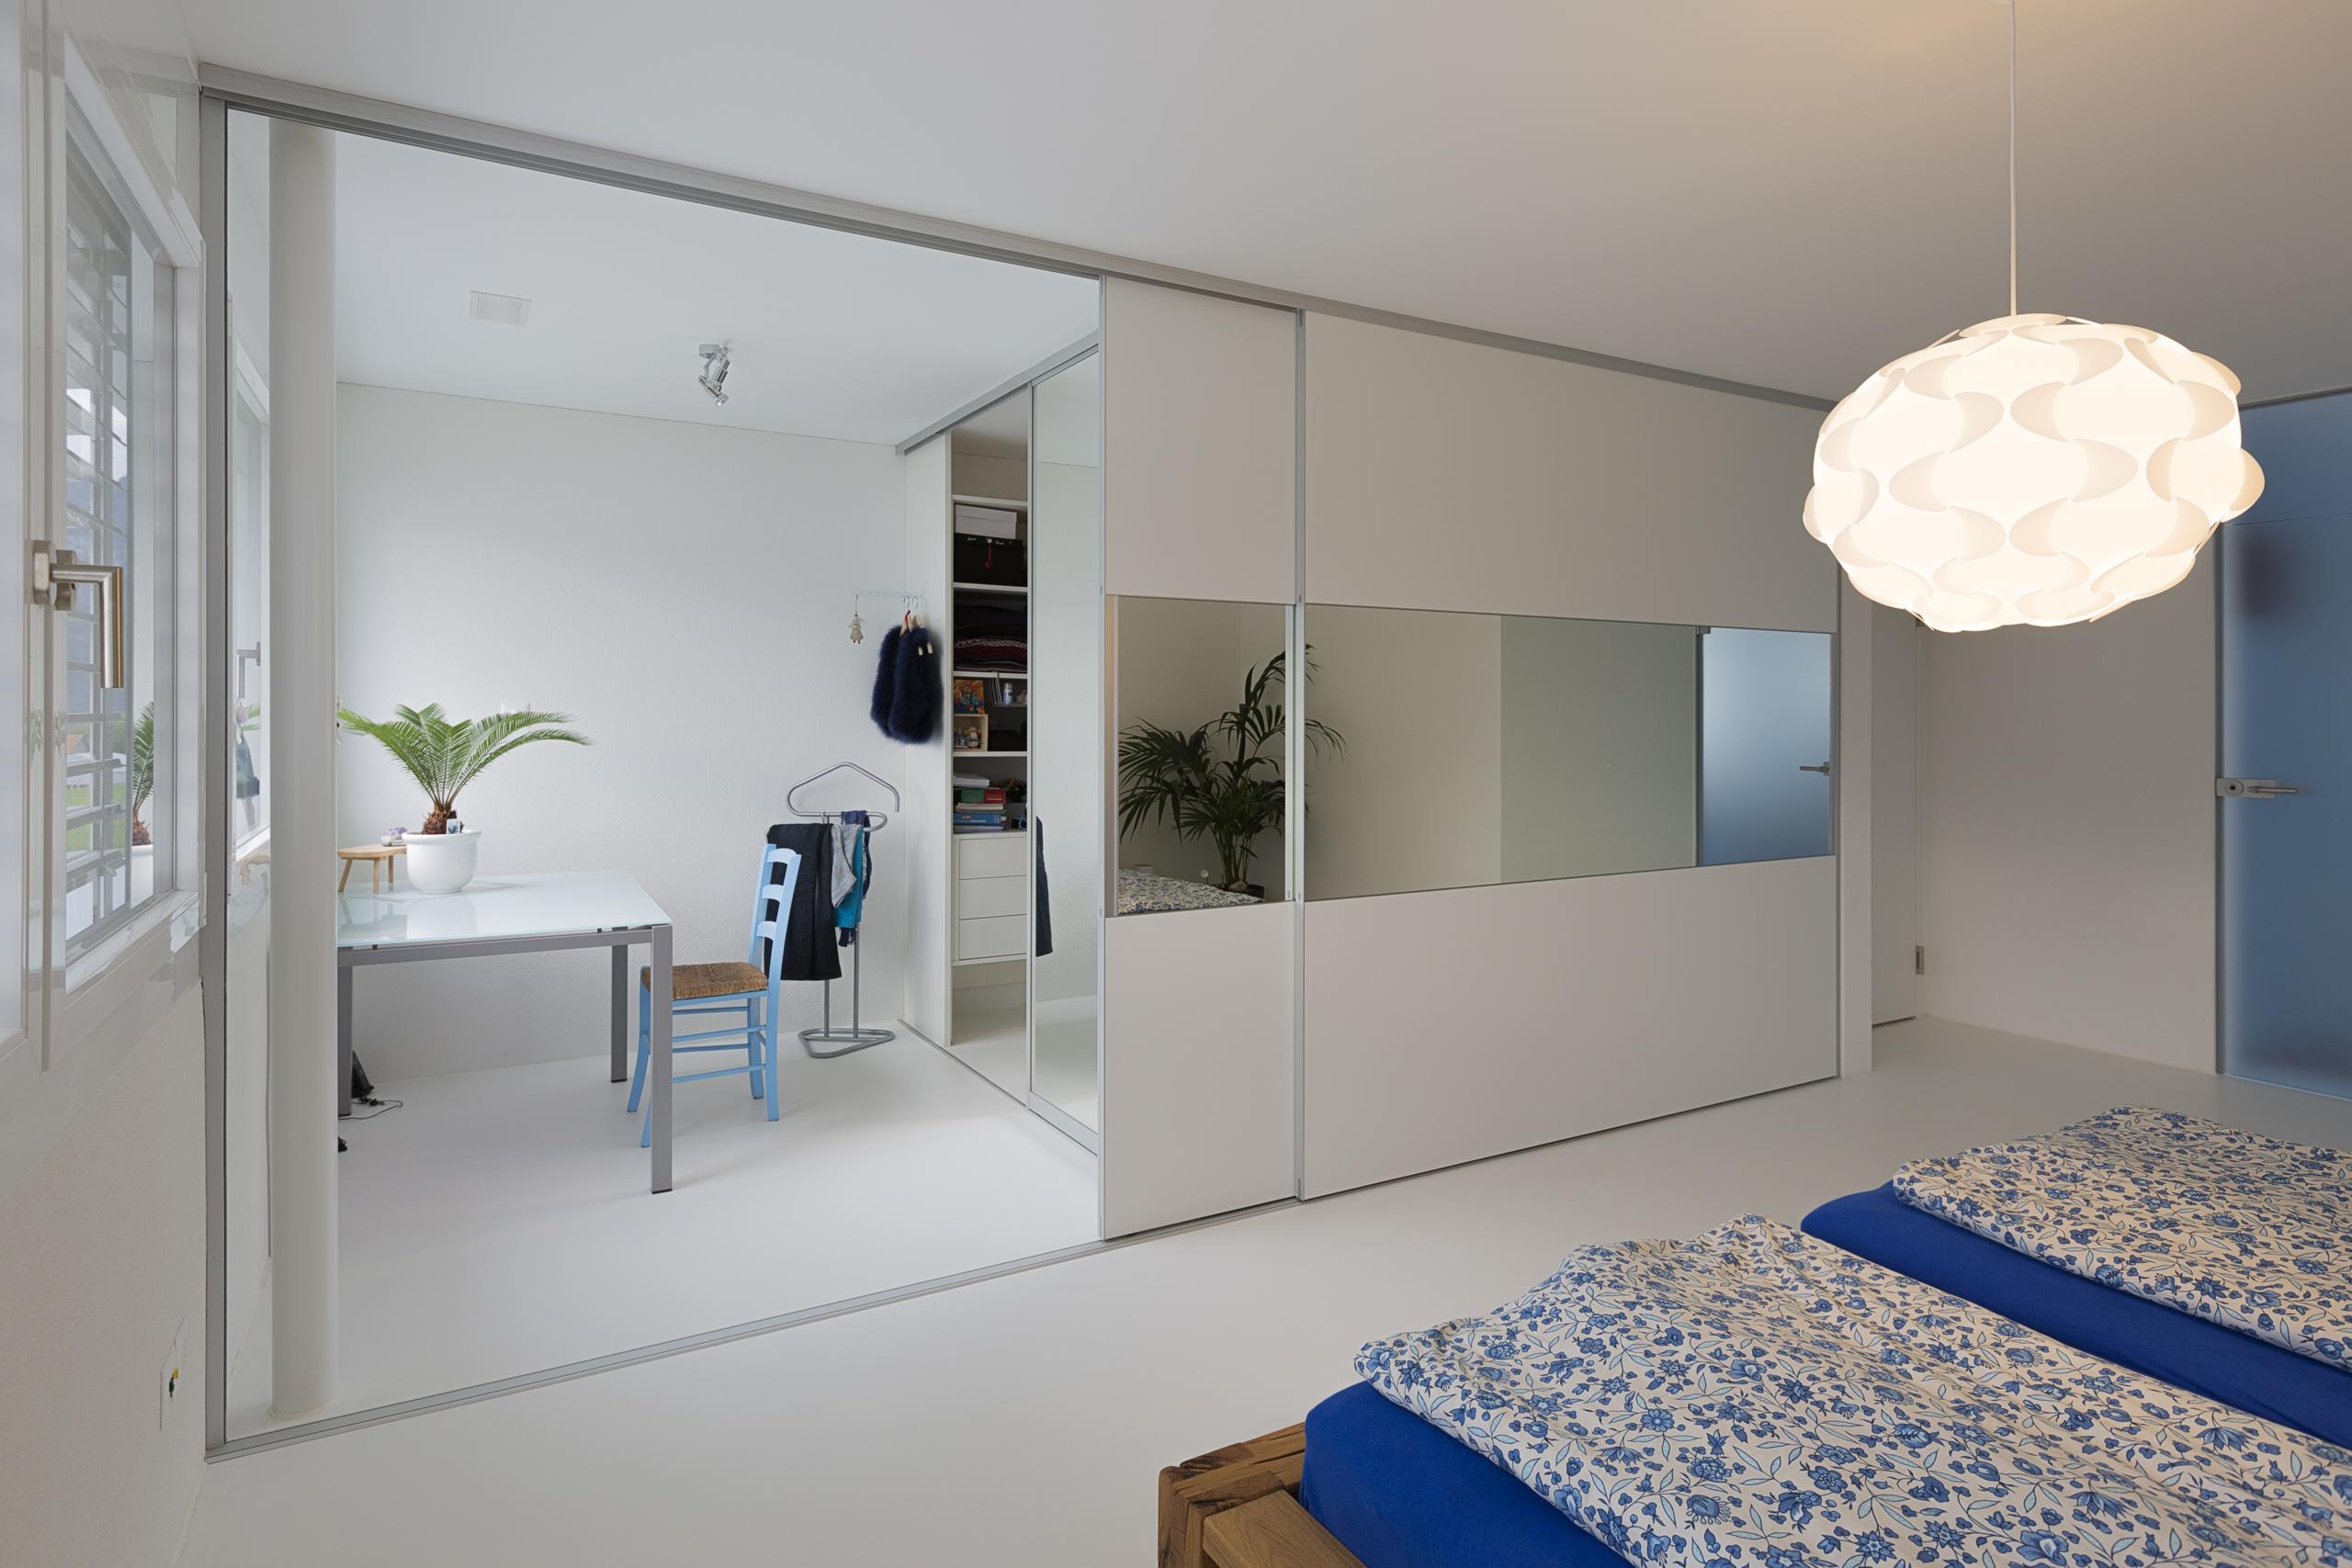 berbreite schiebet ren mit spiegelband als kleiderschrank und begehbare ankleide auf zu. Black Bedroom Furniture Sets. Home Design Ideas